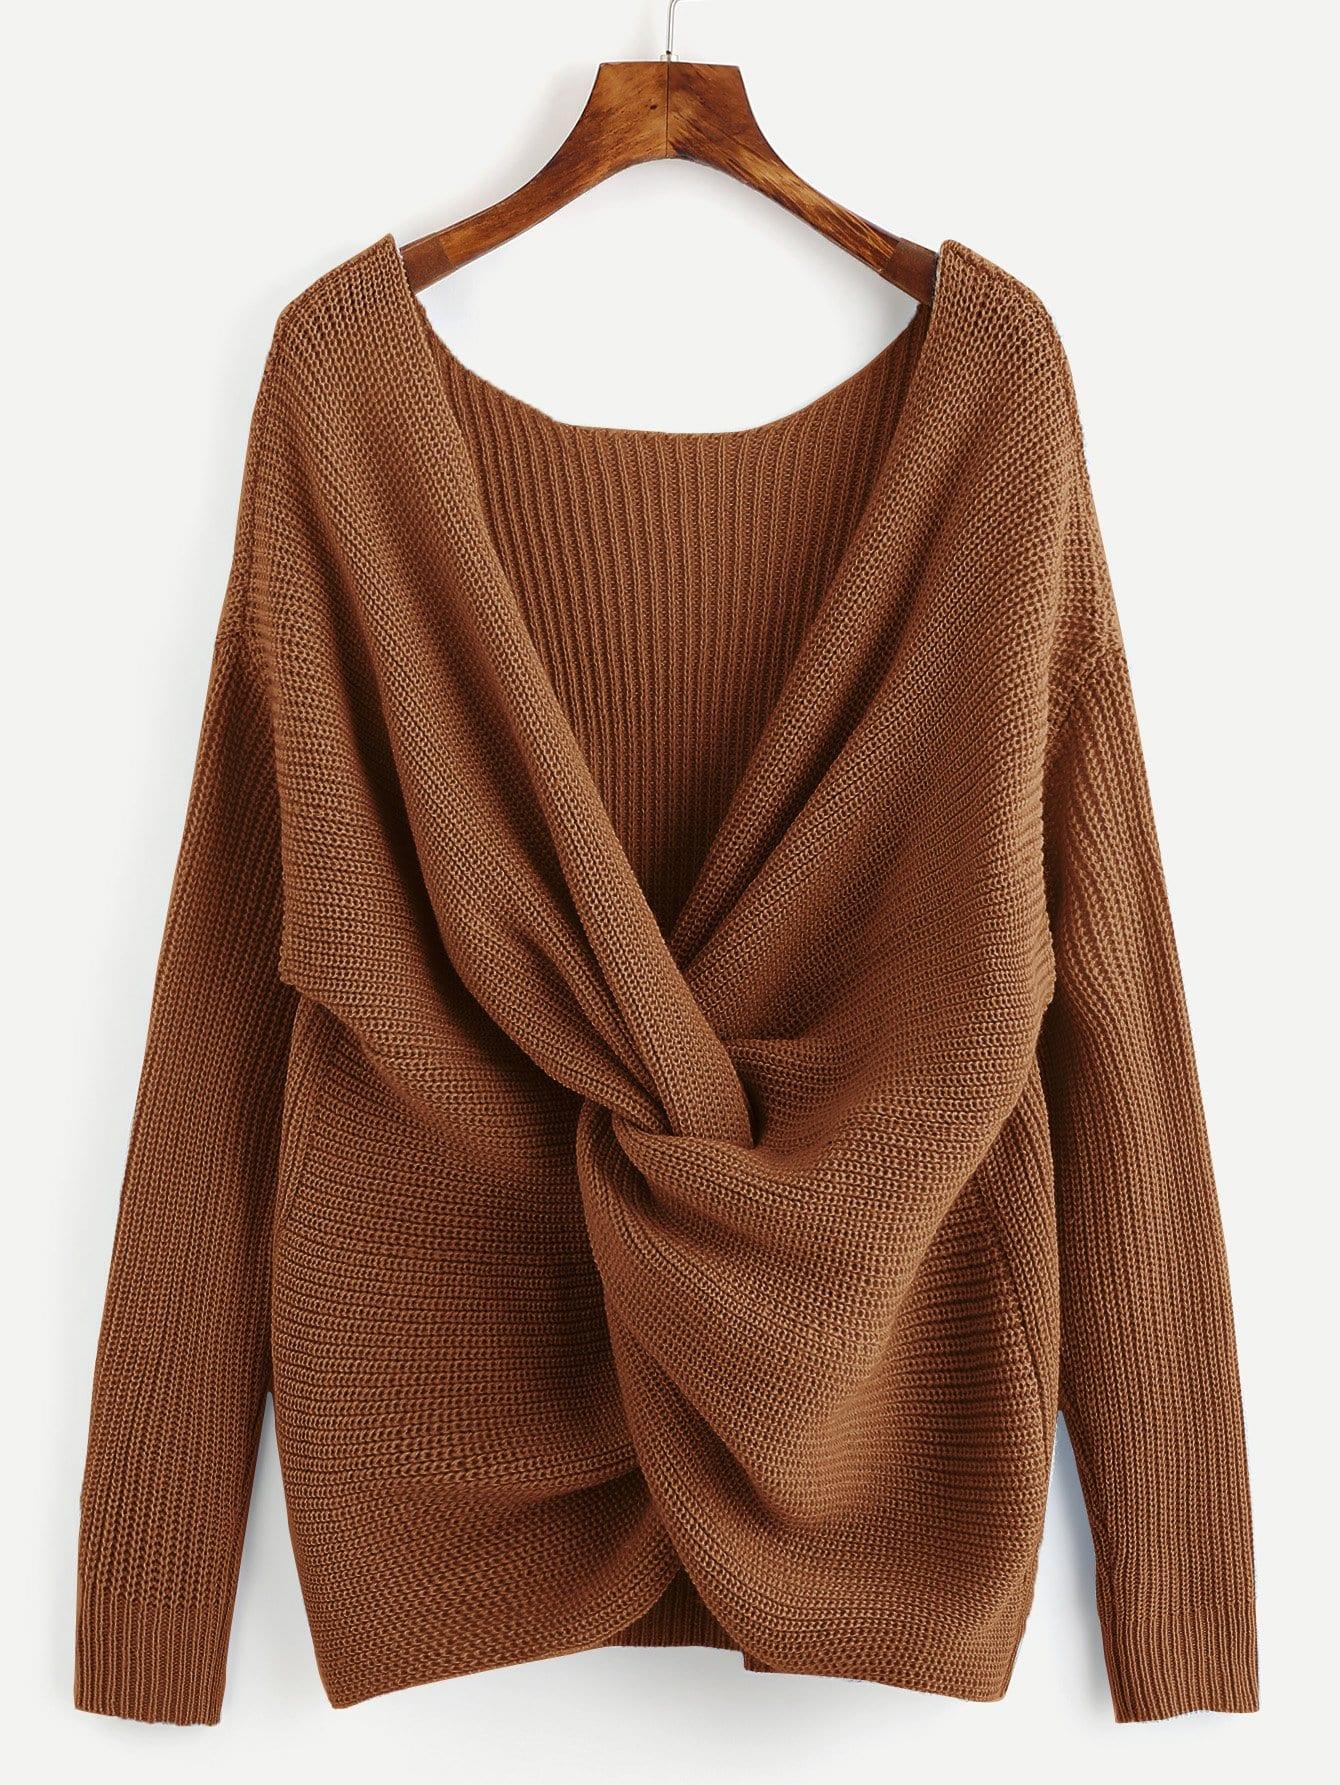 Купить Витой свитер с v-образным вырезом, null, SheIn